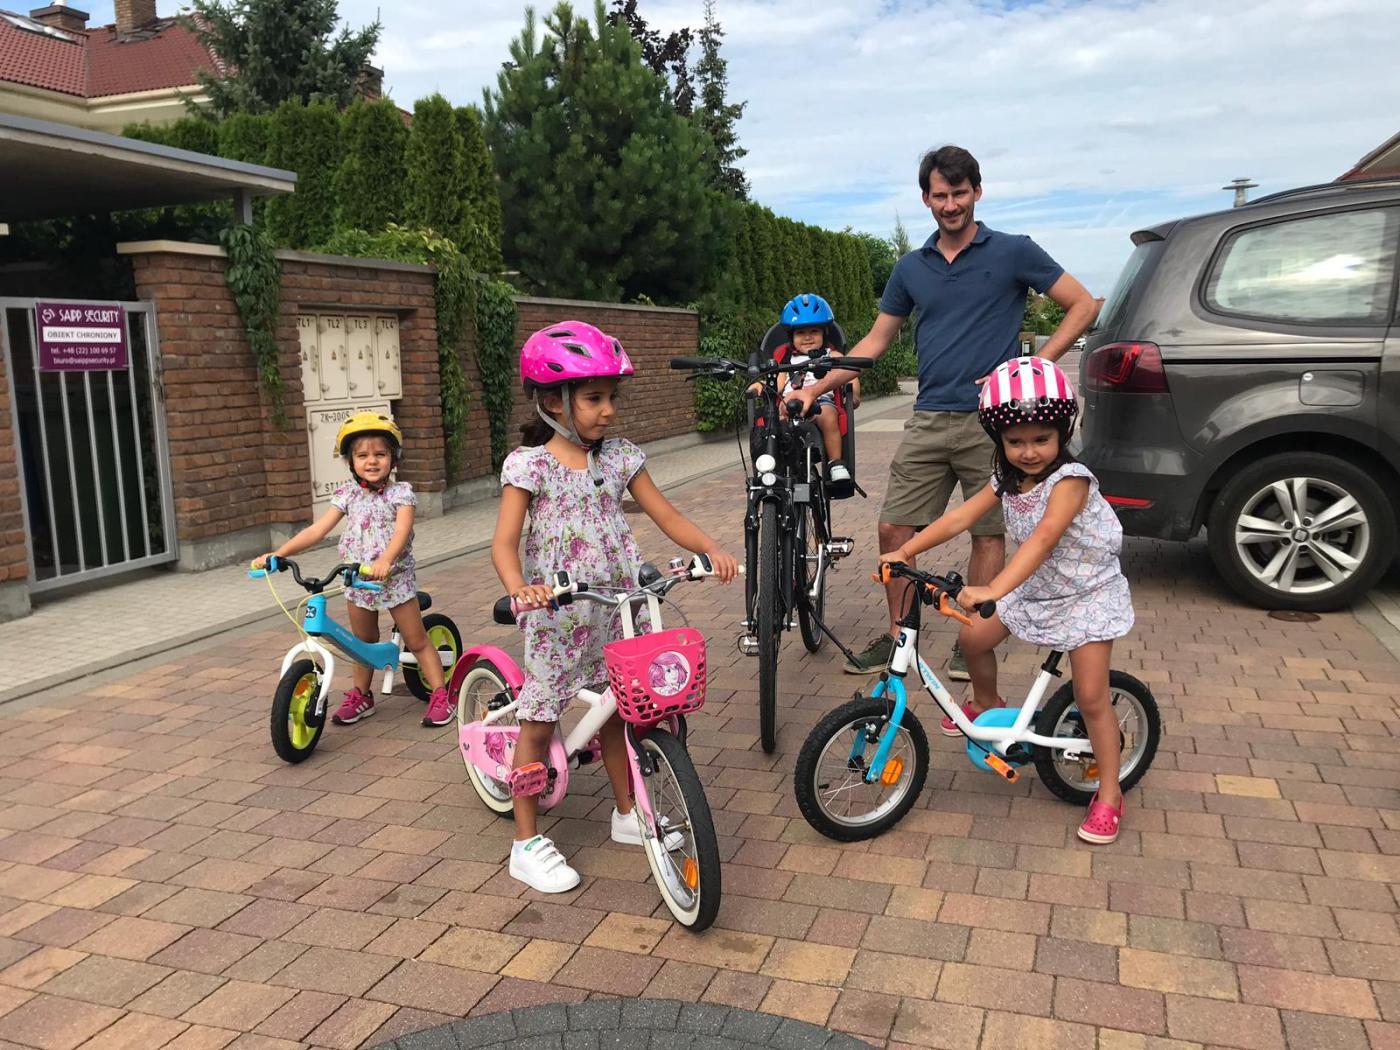 Polónia com crianças:  a importância de escolher onde viver